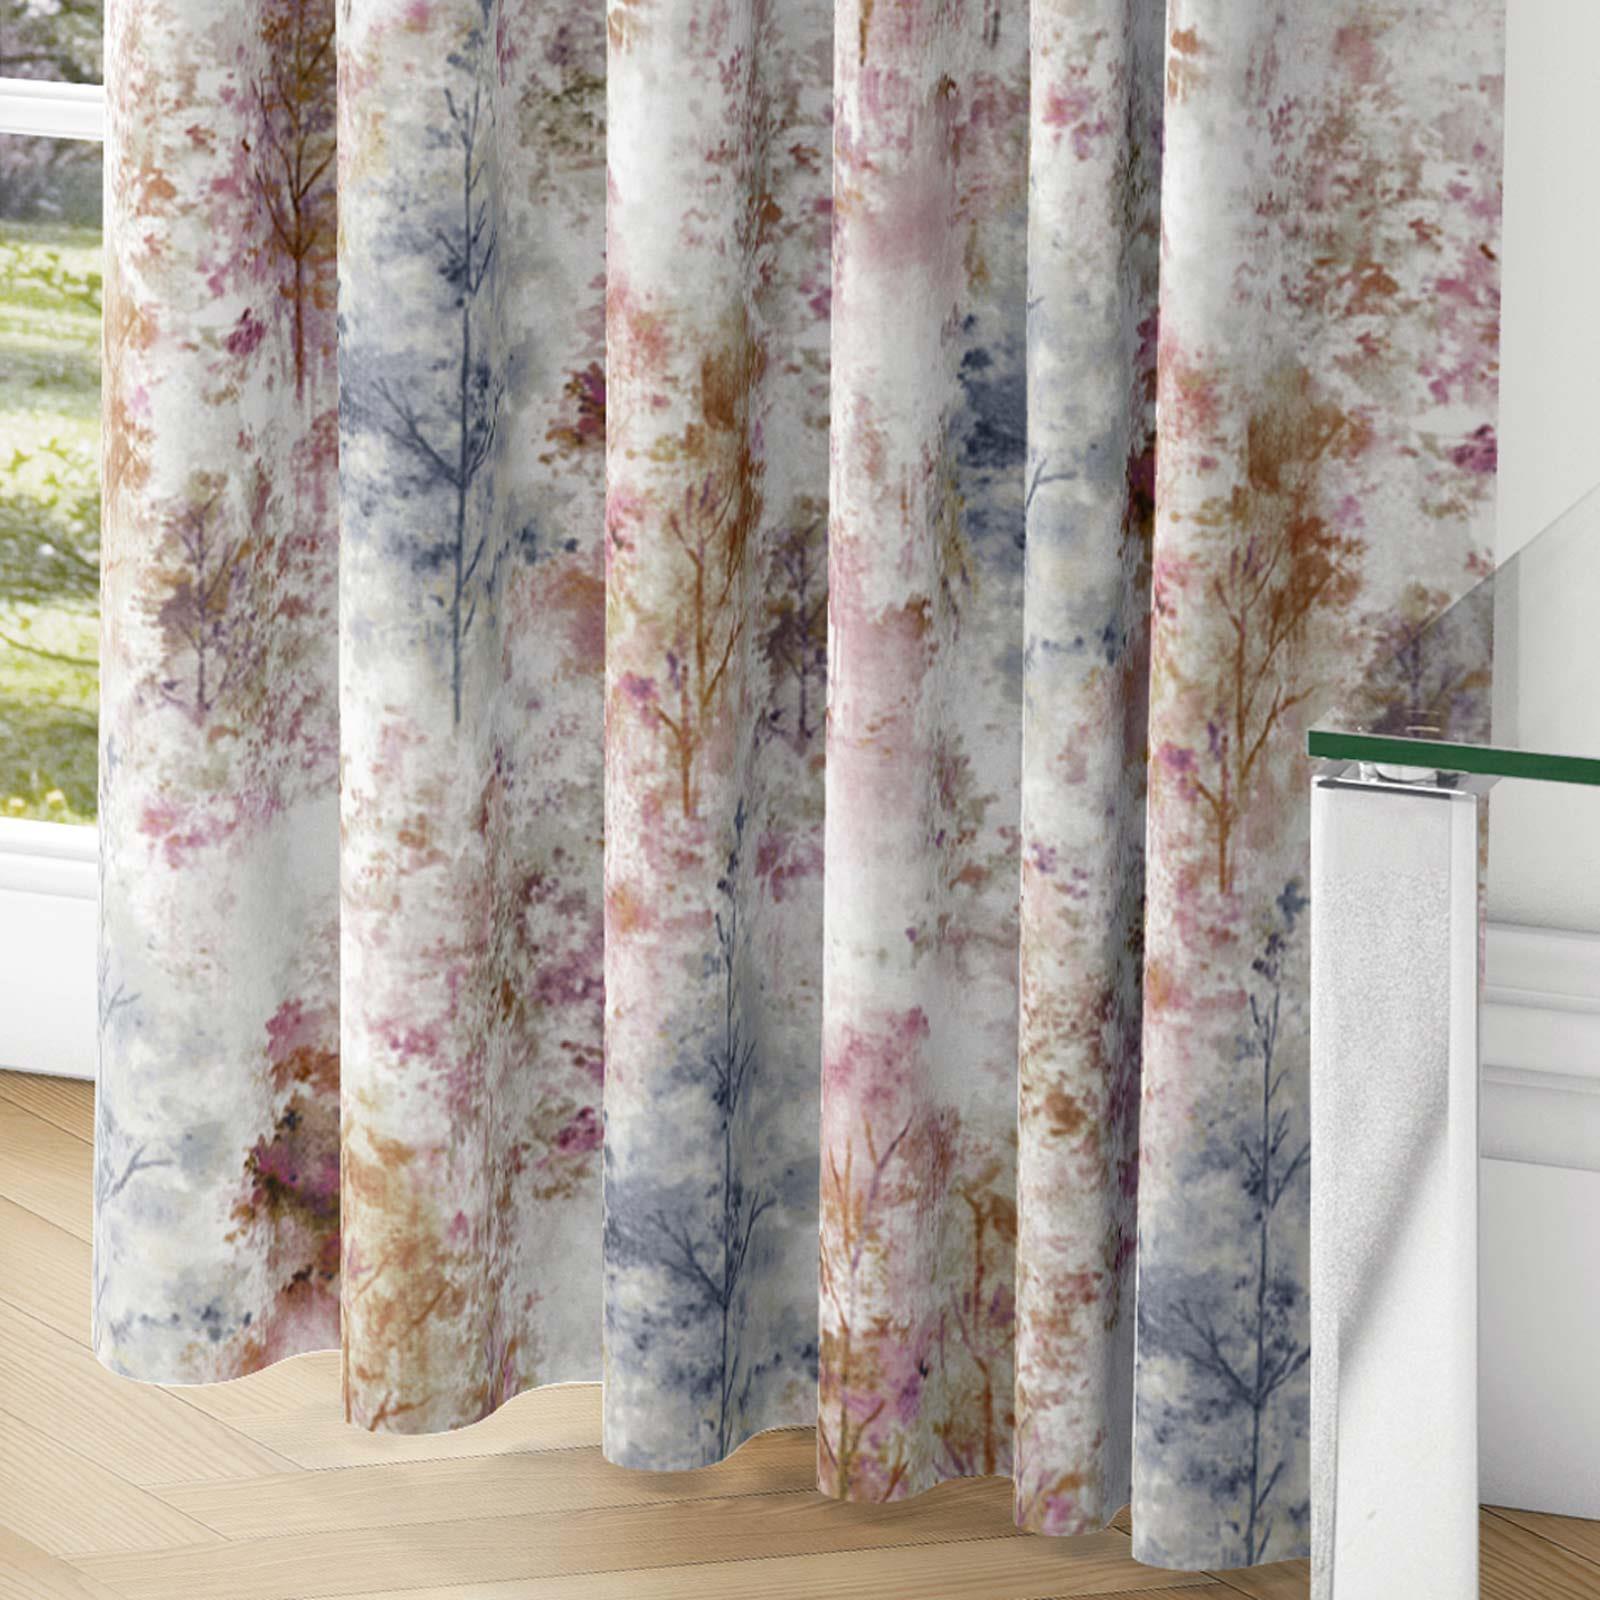 Woodland-Cinta-superior-Cortinas-de-arboles-de-impresion-Ready-Made-3-034-pares-de-cortina-plisado miniatura 6